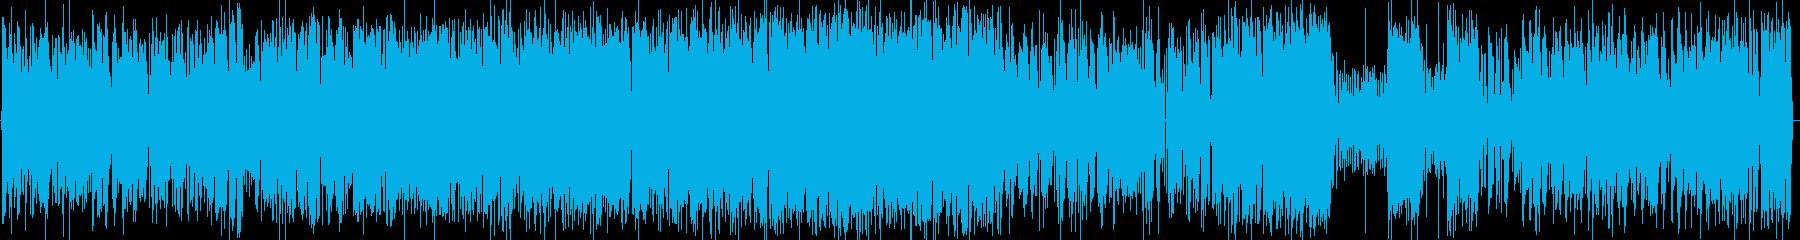 ガーシュウィンのピアノトリオの再生済みの波形